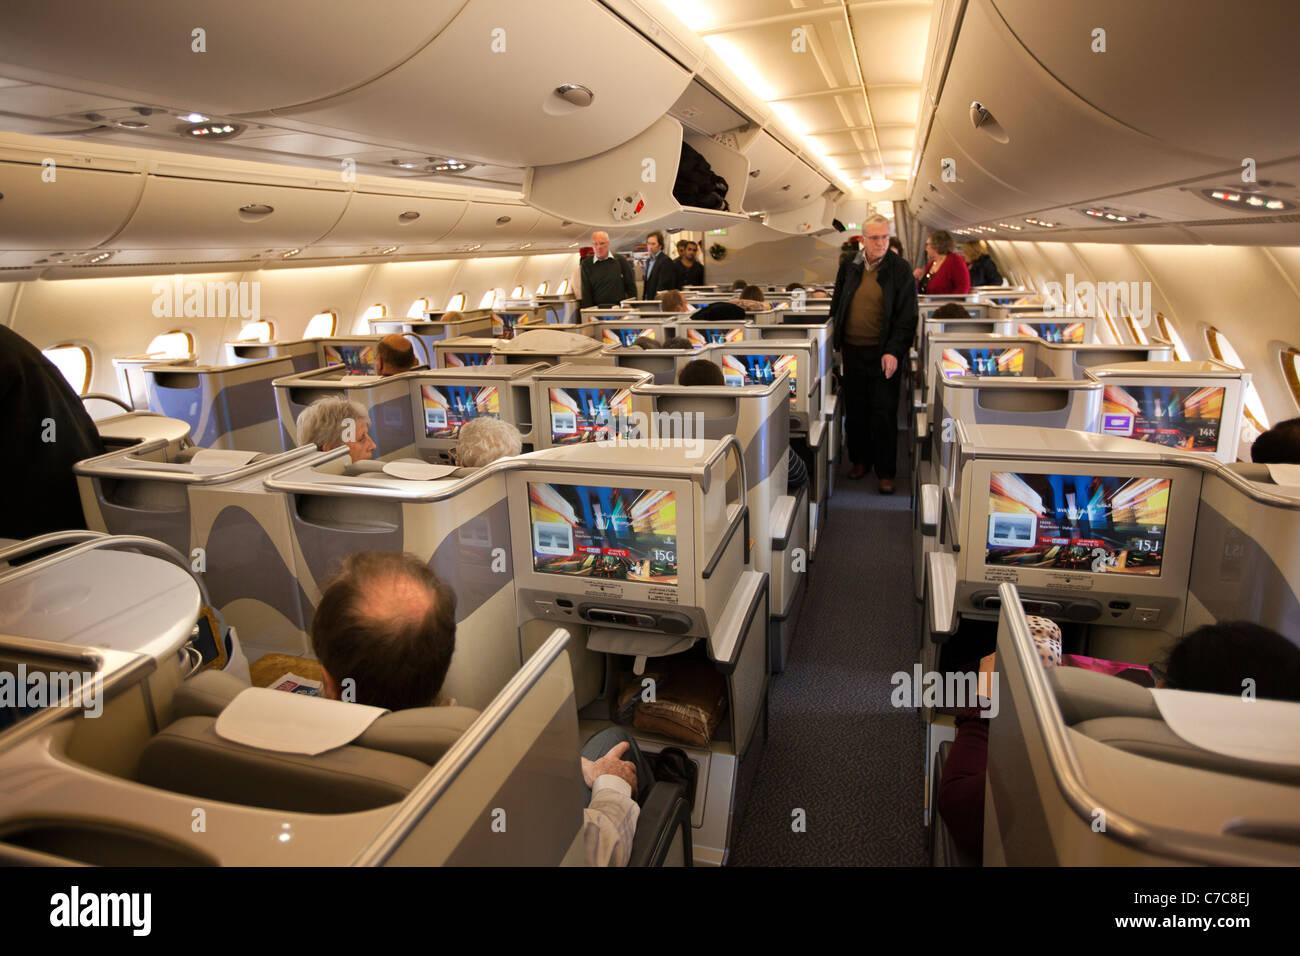 UK, Air Travel, Business Class passengers boarding upper ... | 1300 x 956 jpeg 175kB